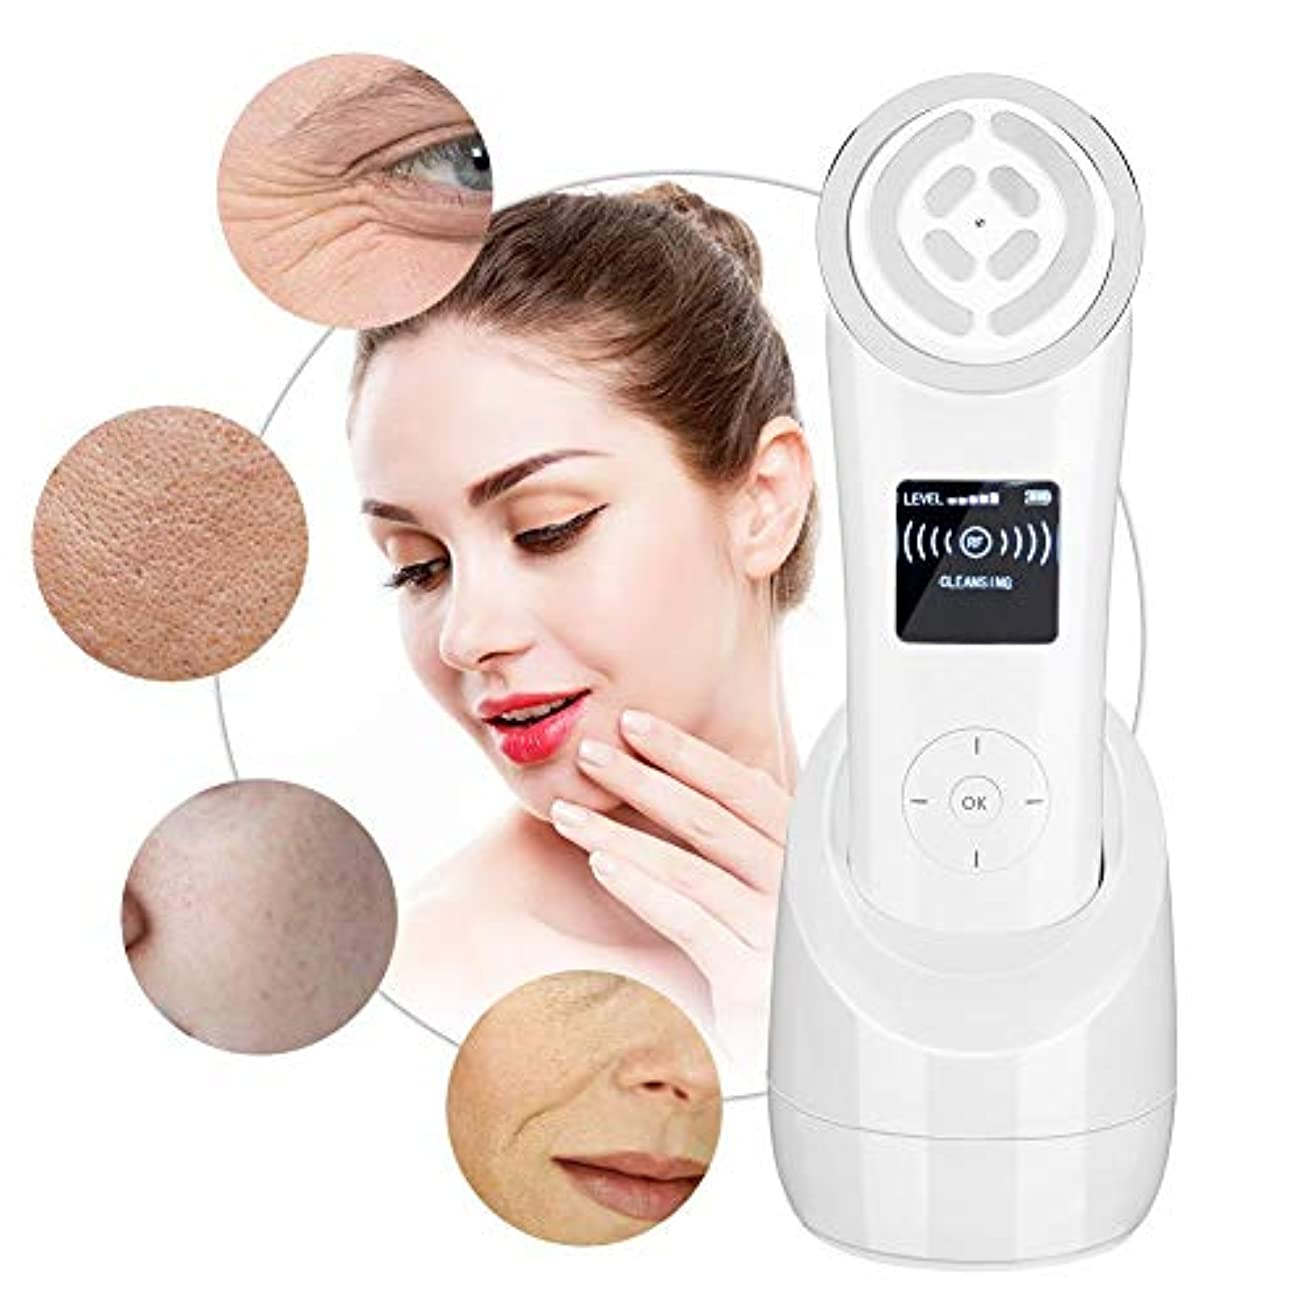 メカニック行タービン顔の美しさのマシン - RF周波数アンチエイジングアンチリンクル、肌の若返り楽器 - ポータブル若返り肌がEMS筋肉刺激を強化(UE)